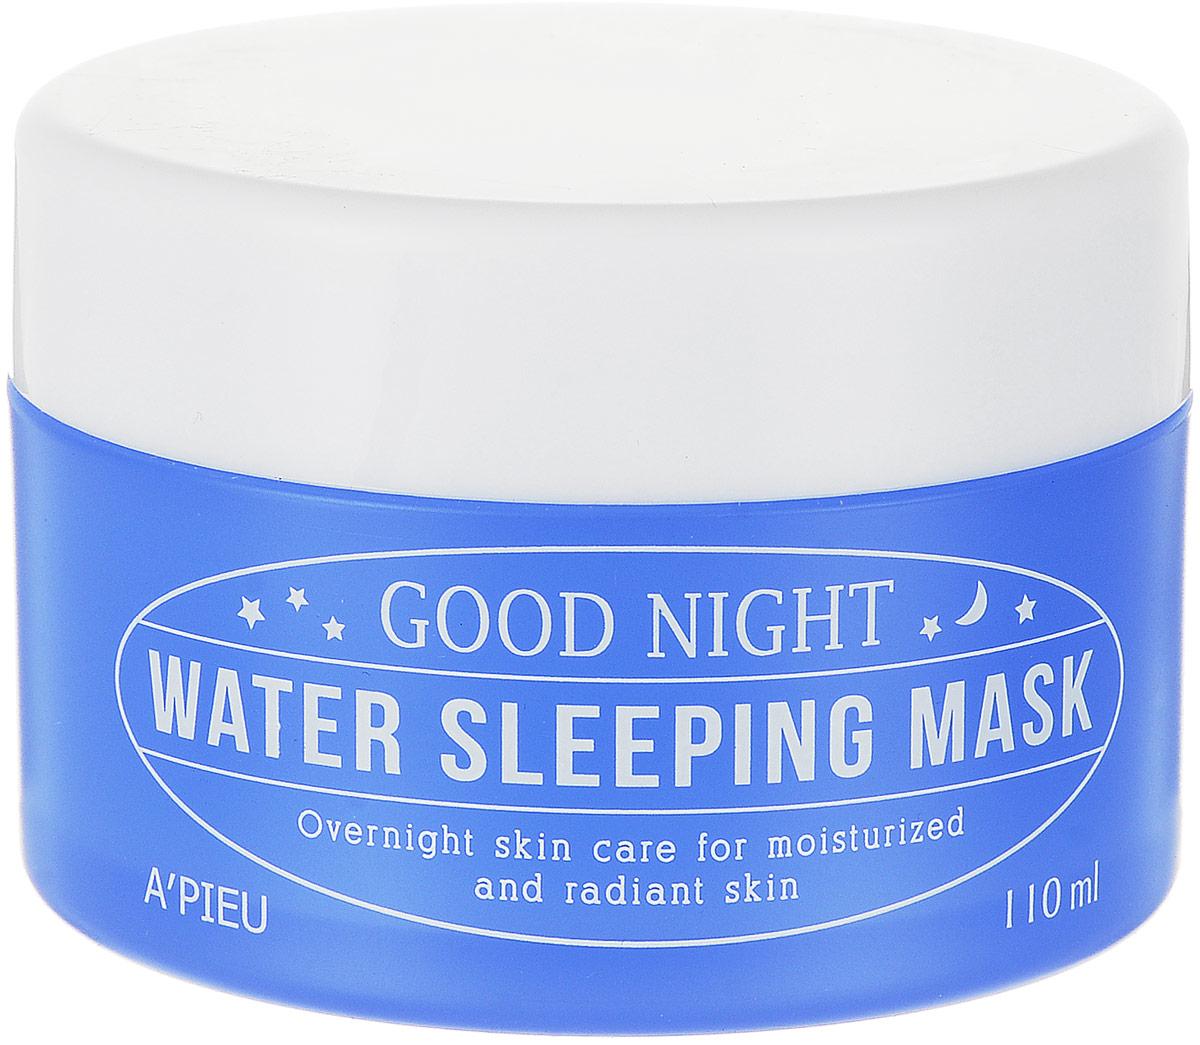 APieu Good Night Ночная увлажняющая маска для лица, 110 млУТ-00000221Ночная маска для лица работает пока вы спите. Насыщает кожу необходимым количеством влаги, улучшает состояние кожи, оказывает антивозрастное действие, делает вашу кожу свежей и отдохнувшей. Гелевая текстура насыщает кожу влагой, улучшает упругость и эластичность. Содержит березовый сок, который эффективно увлажняет, успокаивает раздраженную кожу, обеспечивает тонус уставшей и безжизненной коже. Подходит для любого типа кожи.